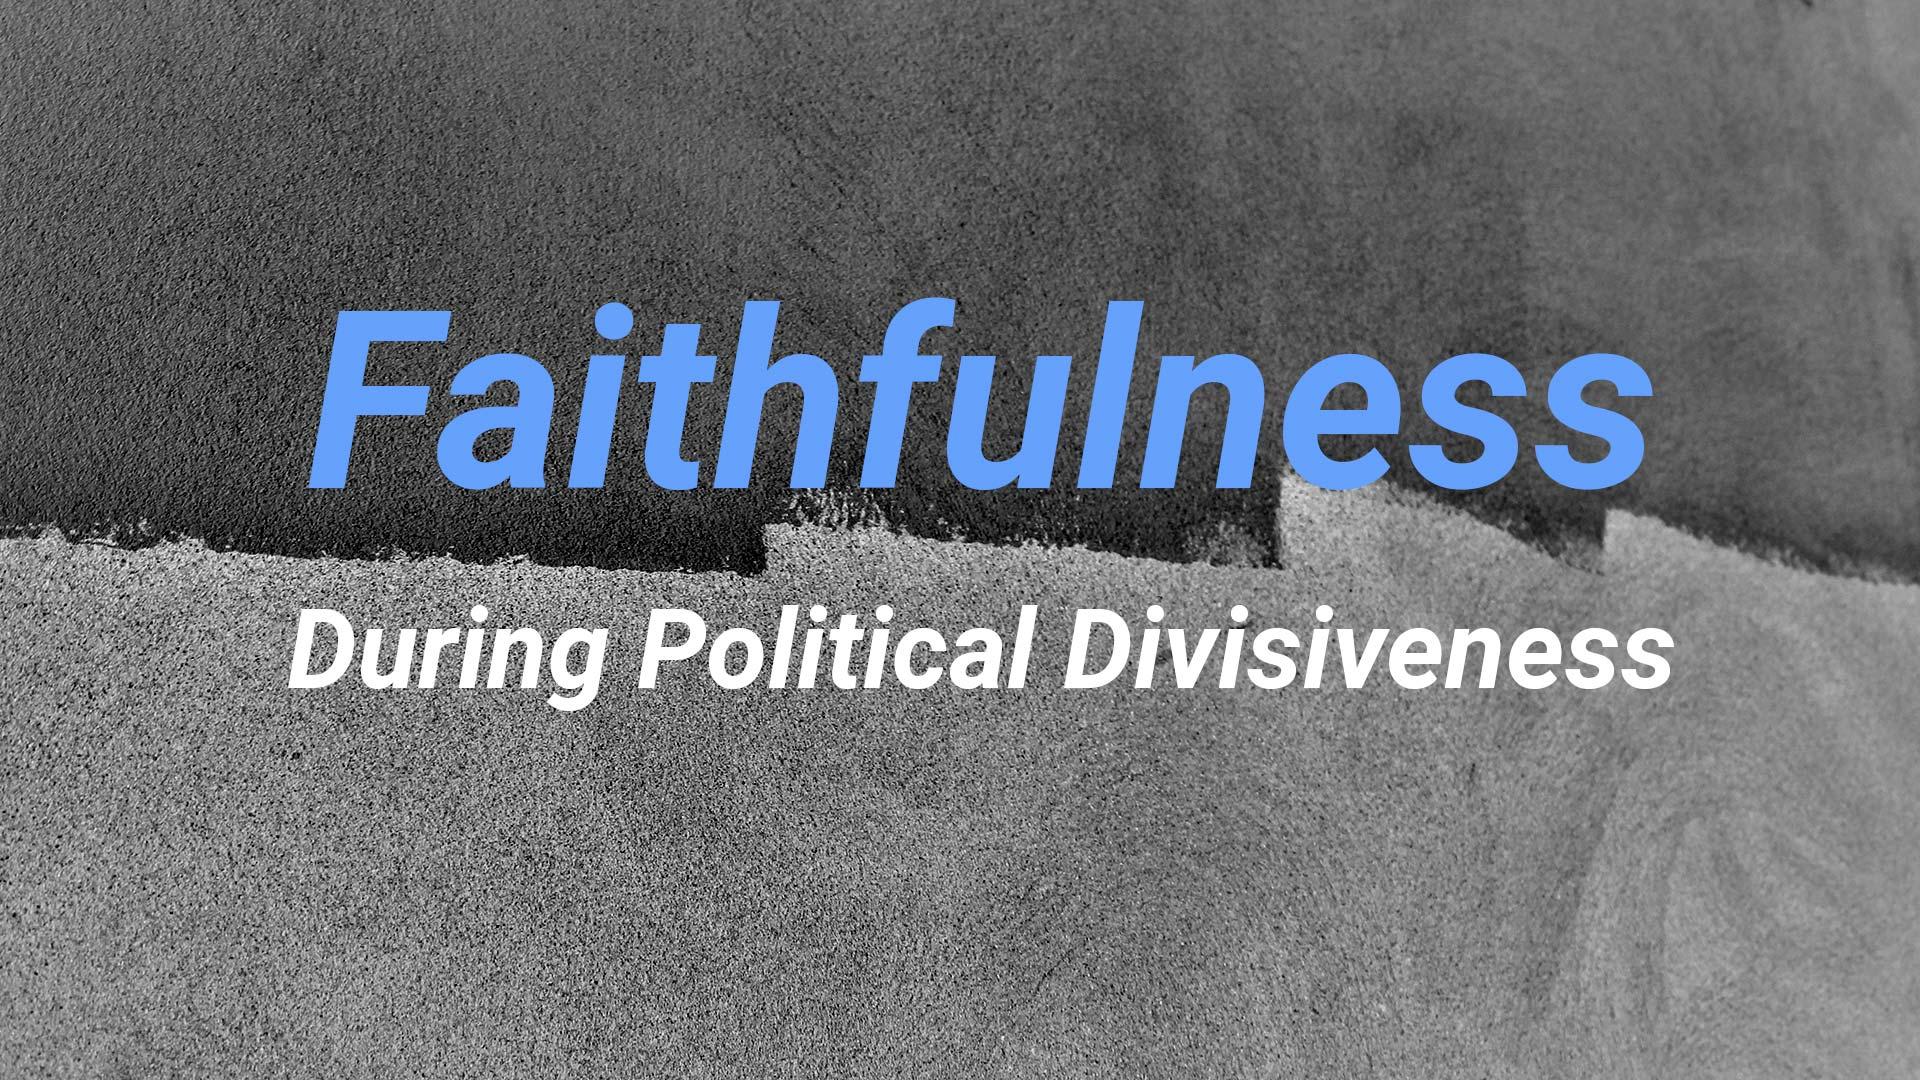 Faithfulness During Political Divisiveness (Matthew 22:15-22) - Part 1